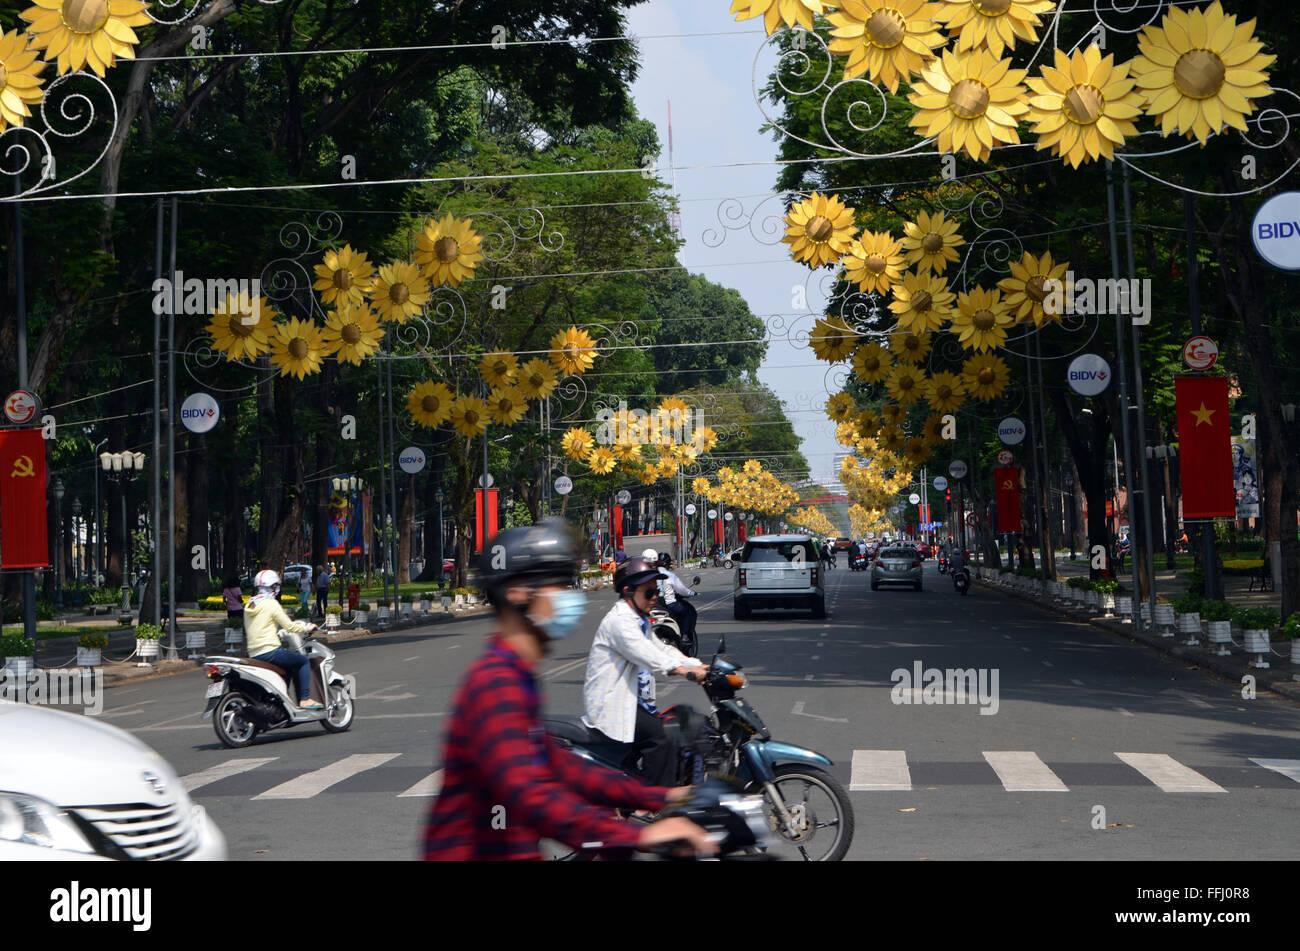 Saigón, VietNam.Las calles alegres bunting, cubiertos con banderas, y estas flores como la gente alrededor Imagen De Stock